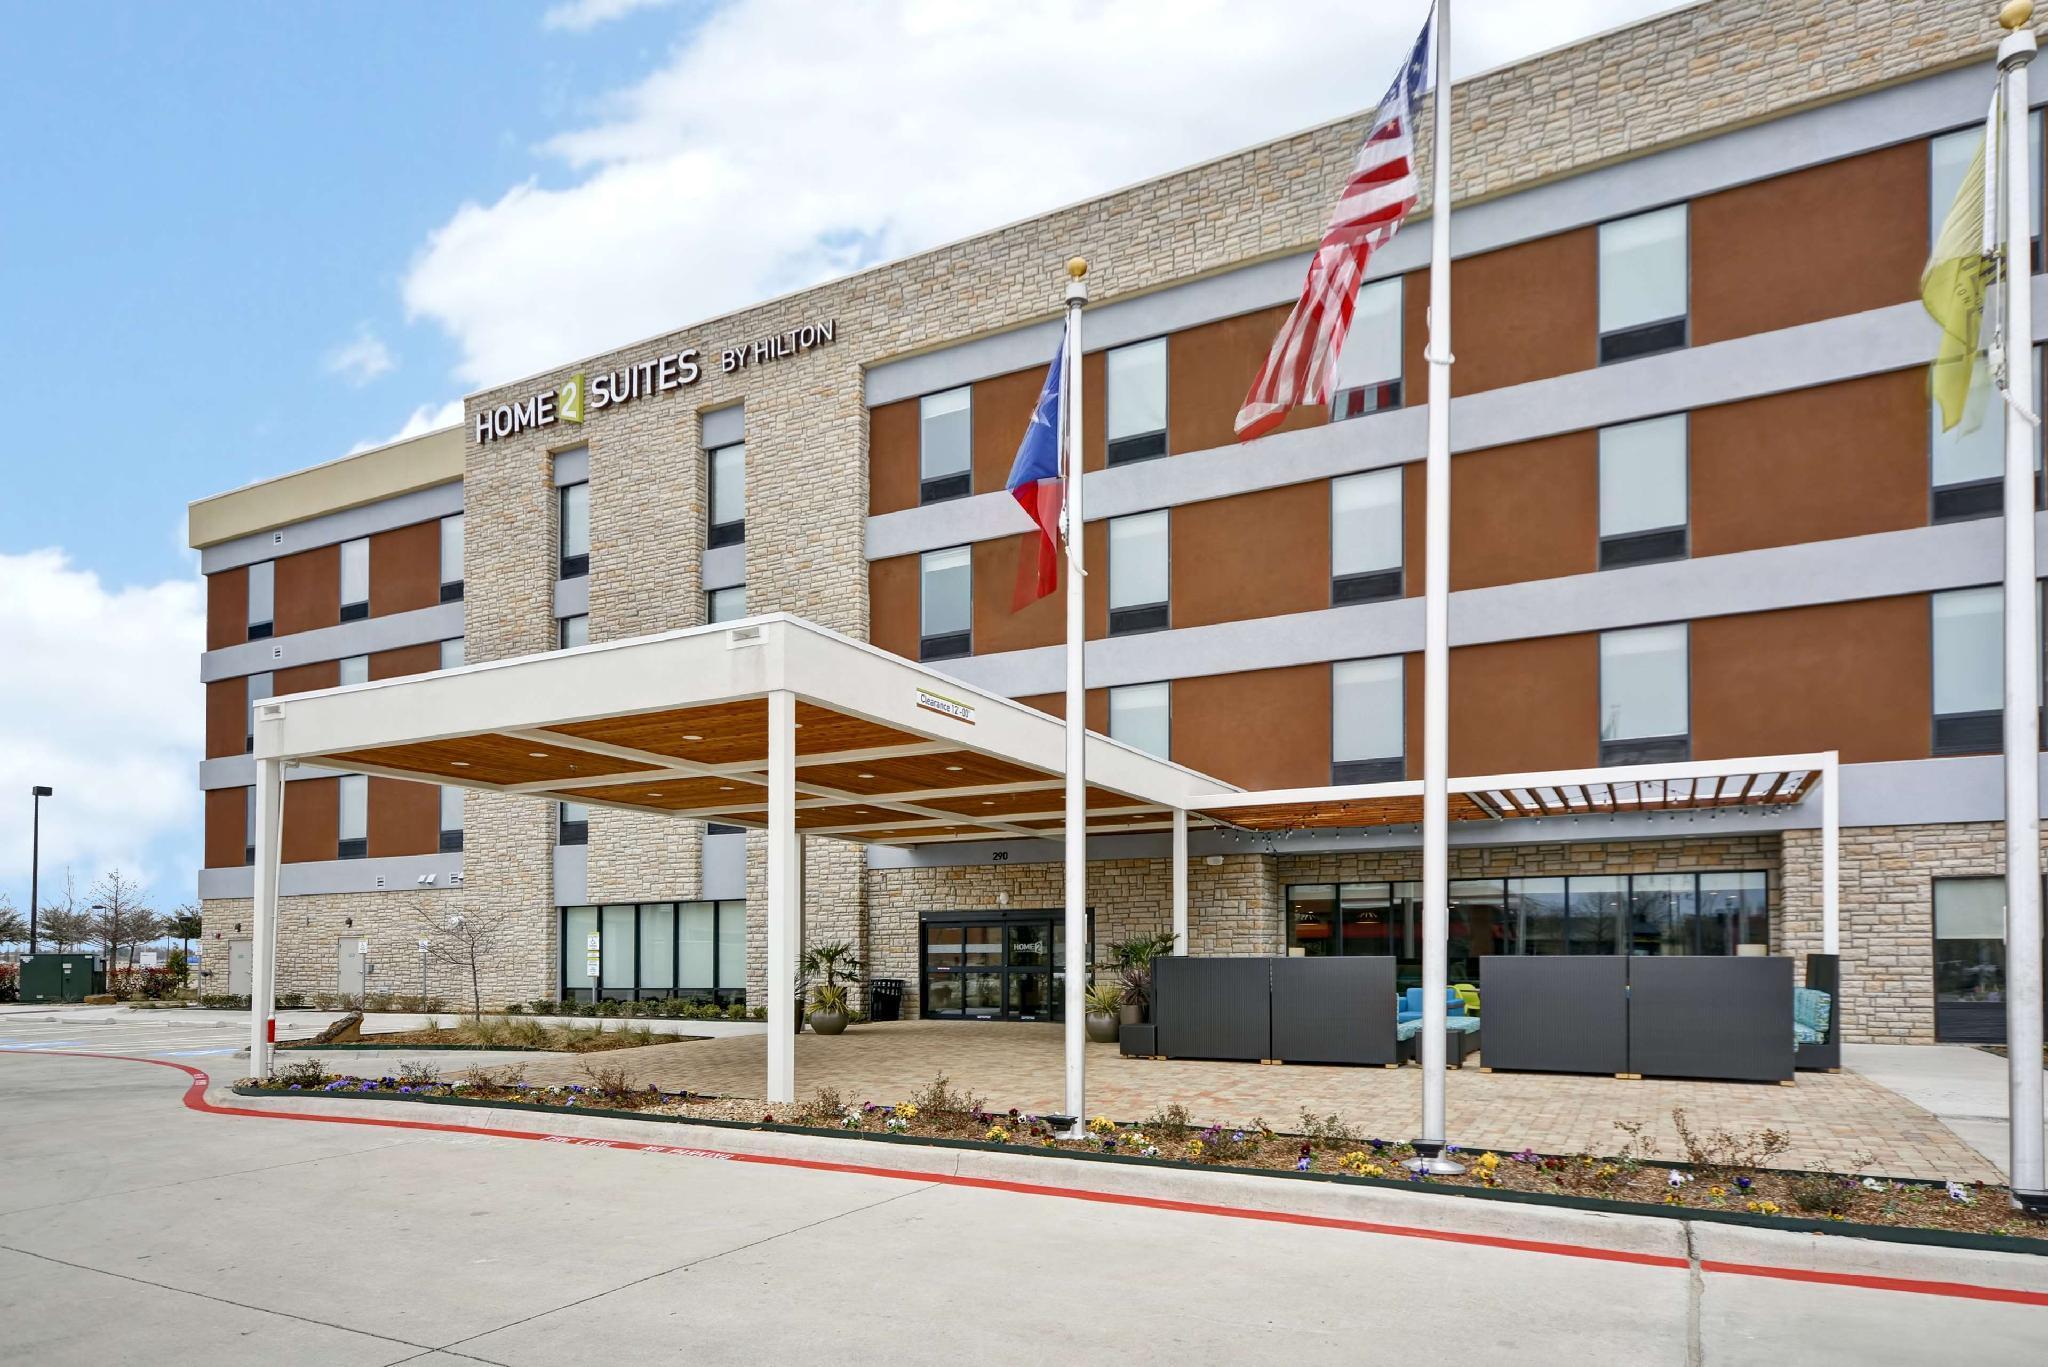 Home2 Suites By Hilton Fairview Allen